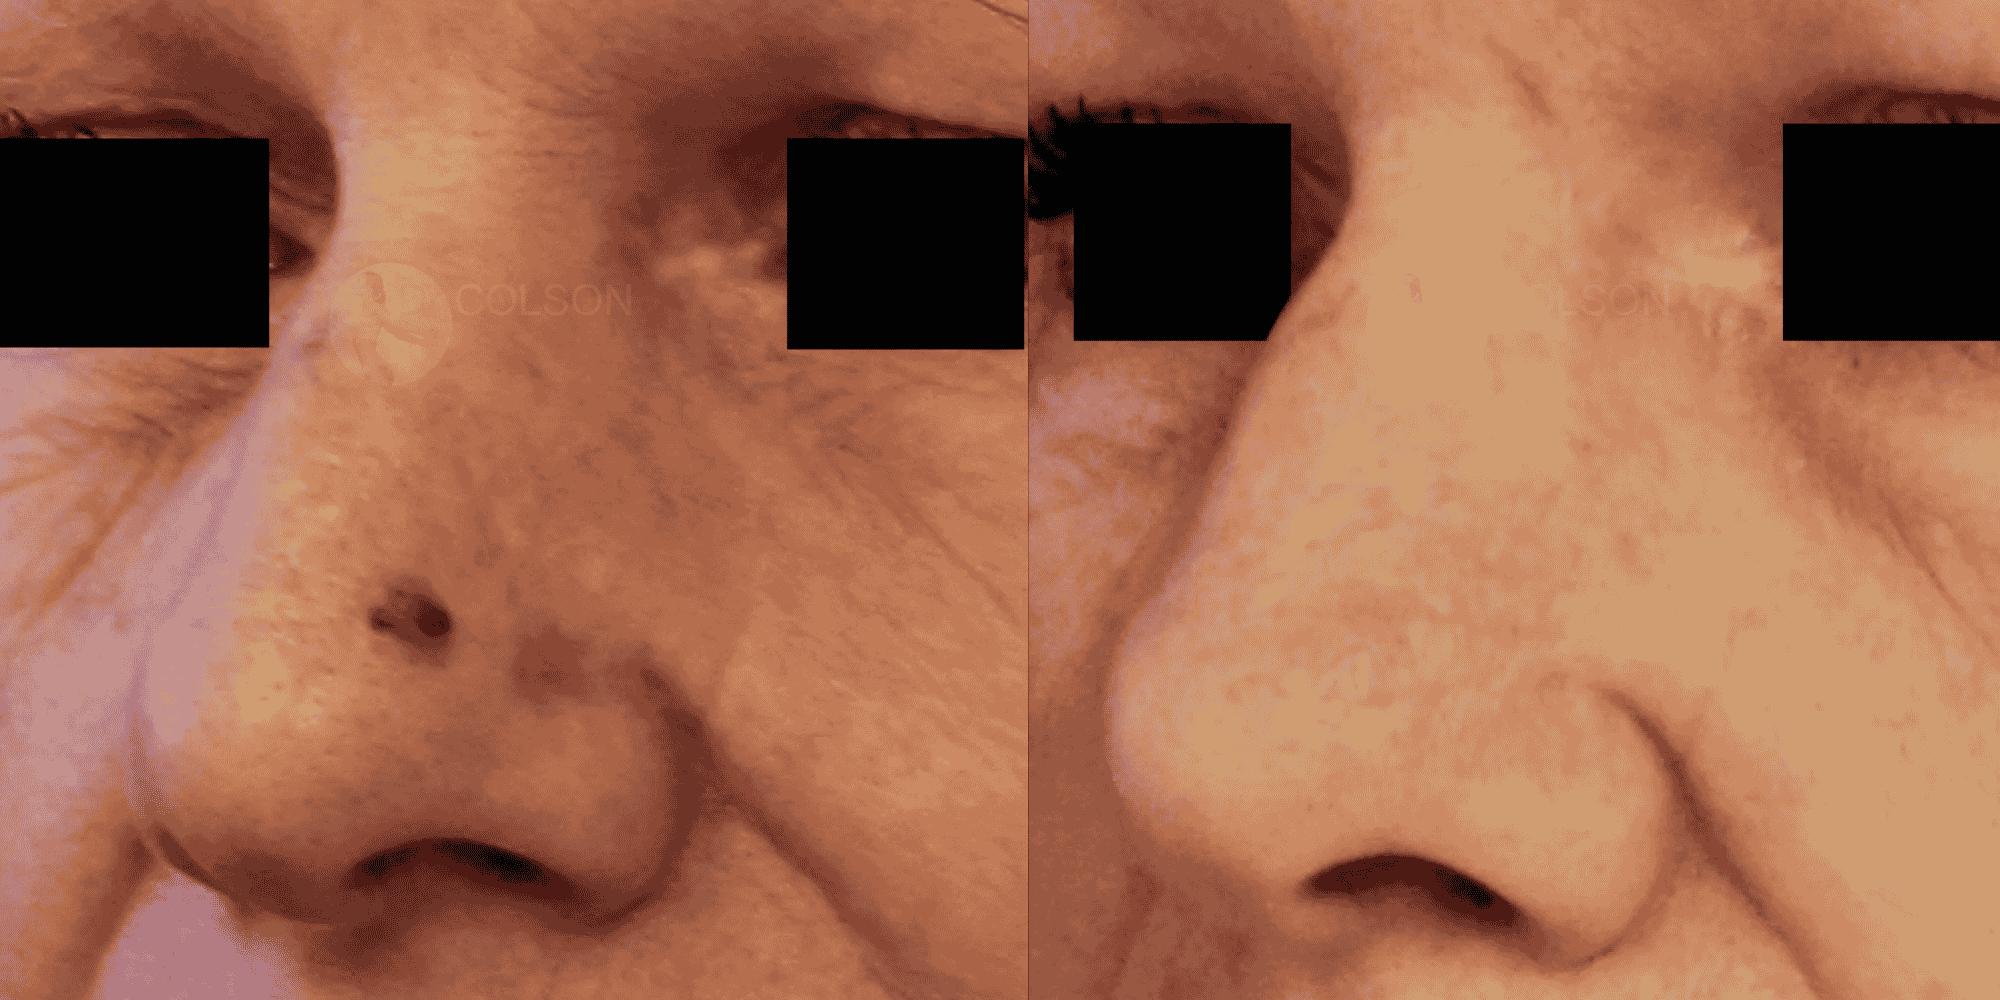 Dr Colson - Chirurgie peau - Tumeur cutanee trois quart